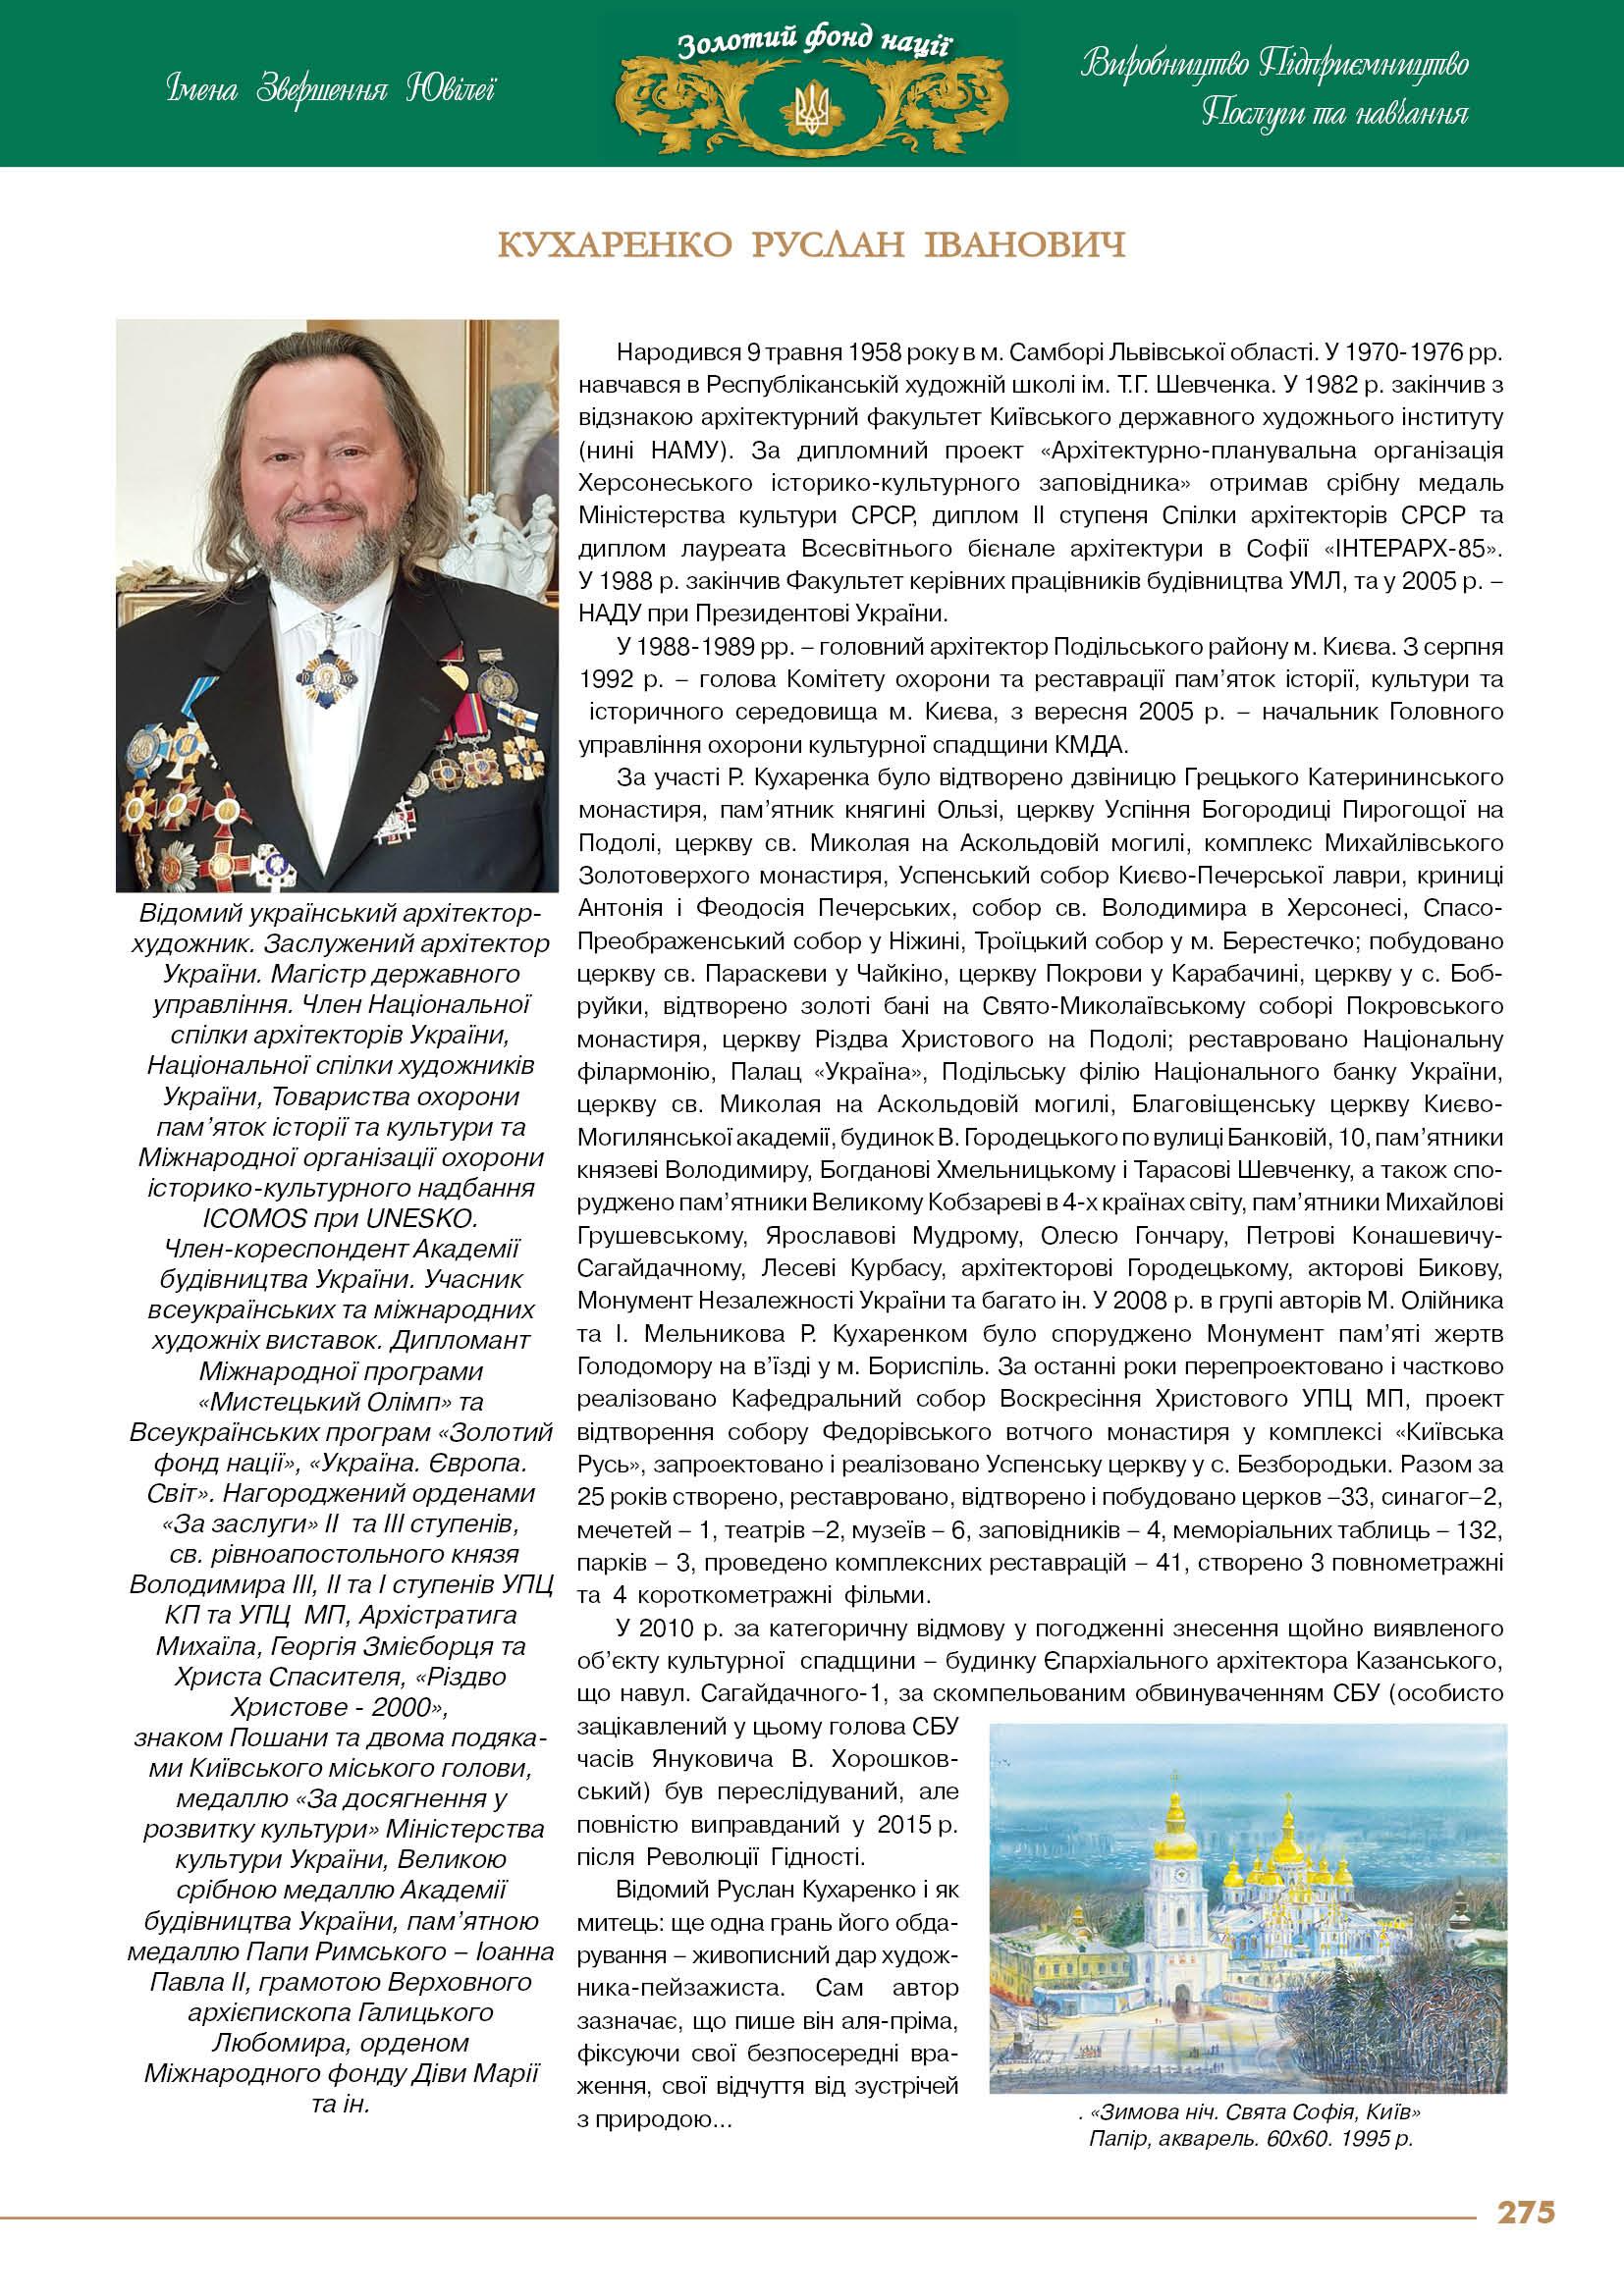 Кухаренко Руслан Іванович